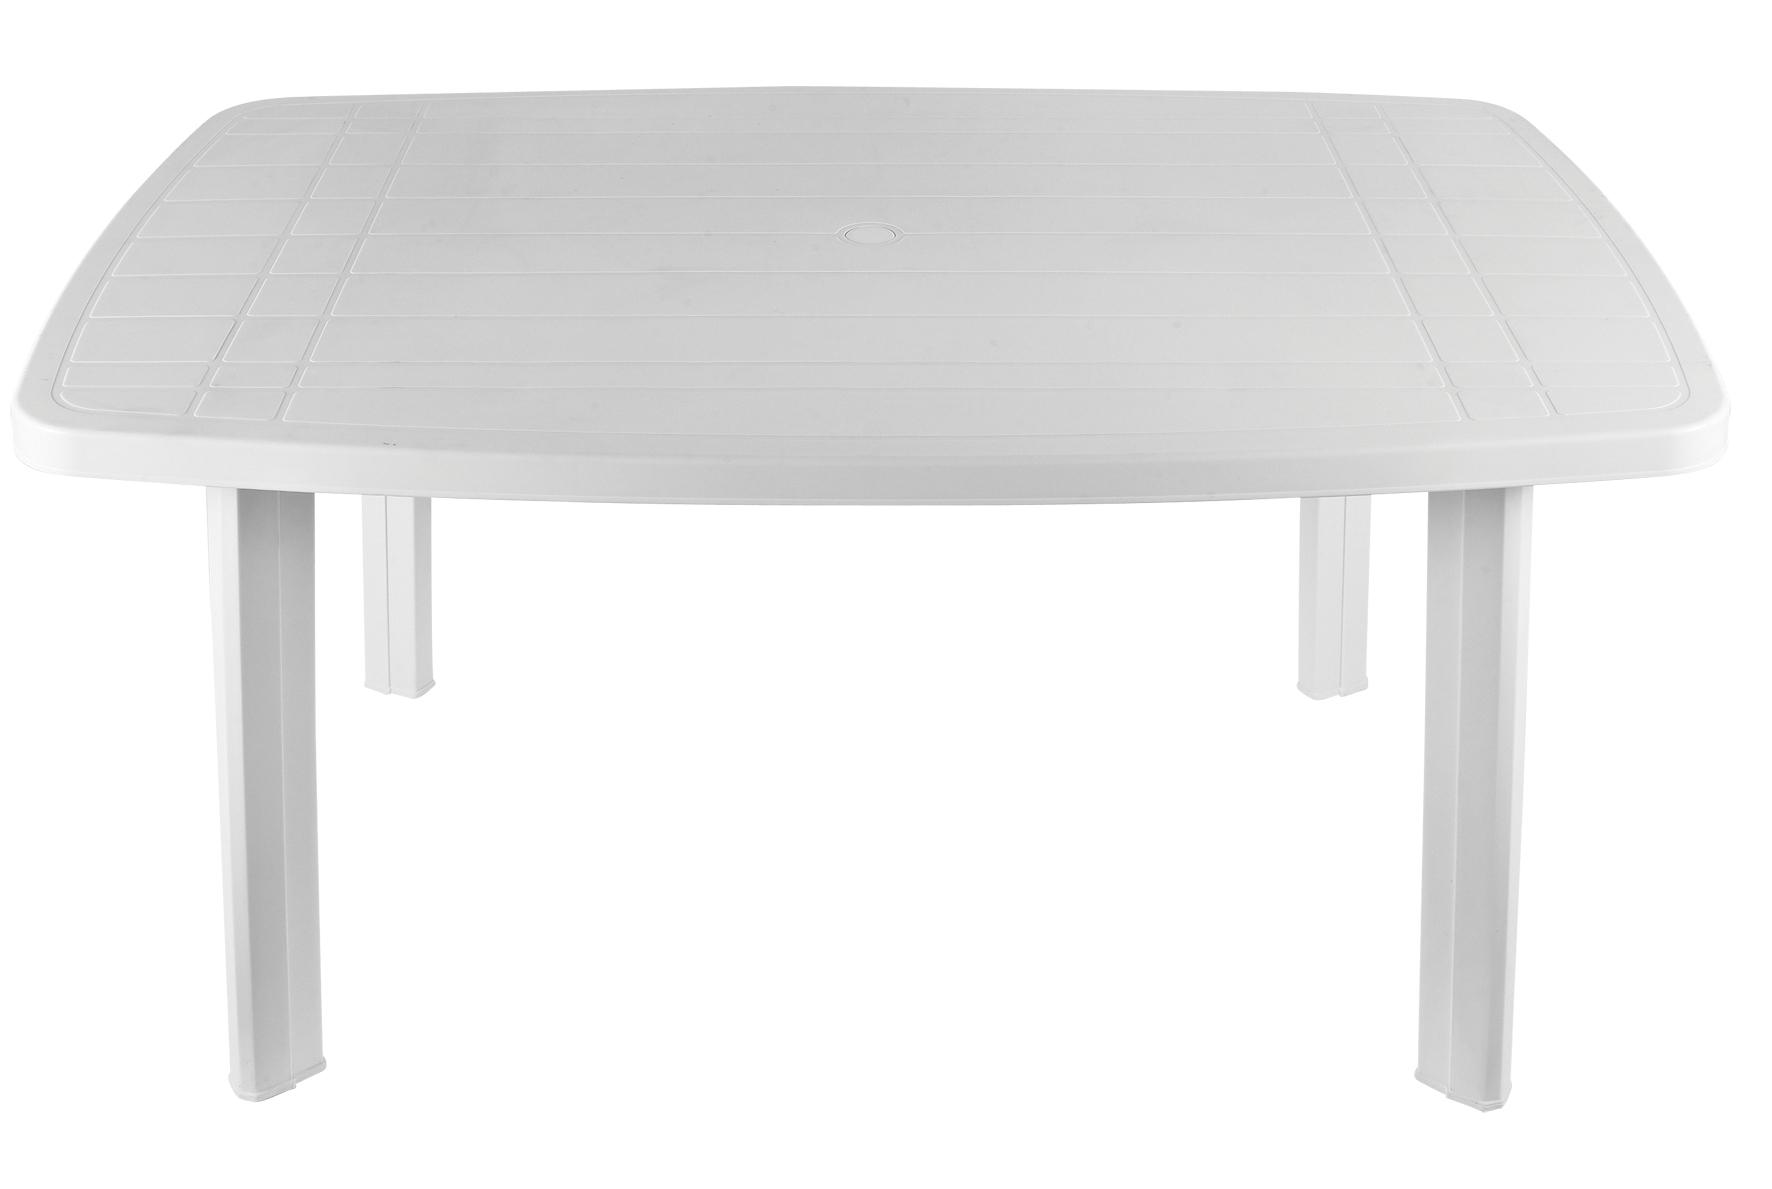 Table De Jardin Pvc Blanc intérieur Table De Jardin Plastique